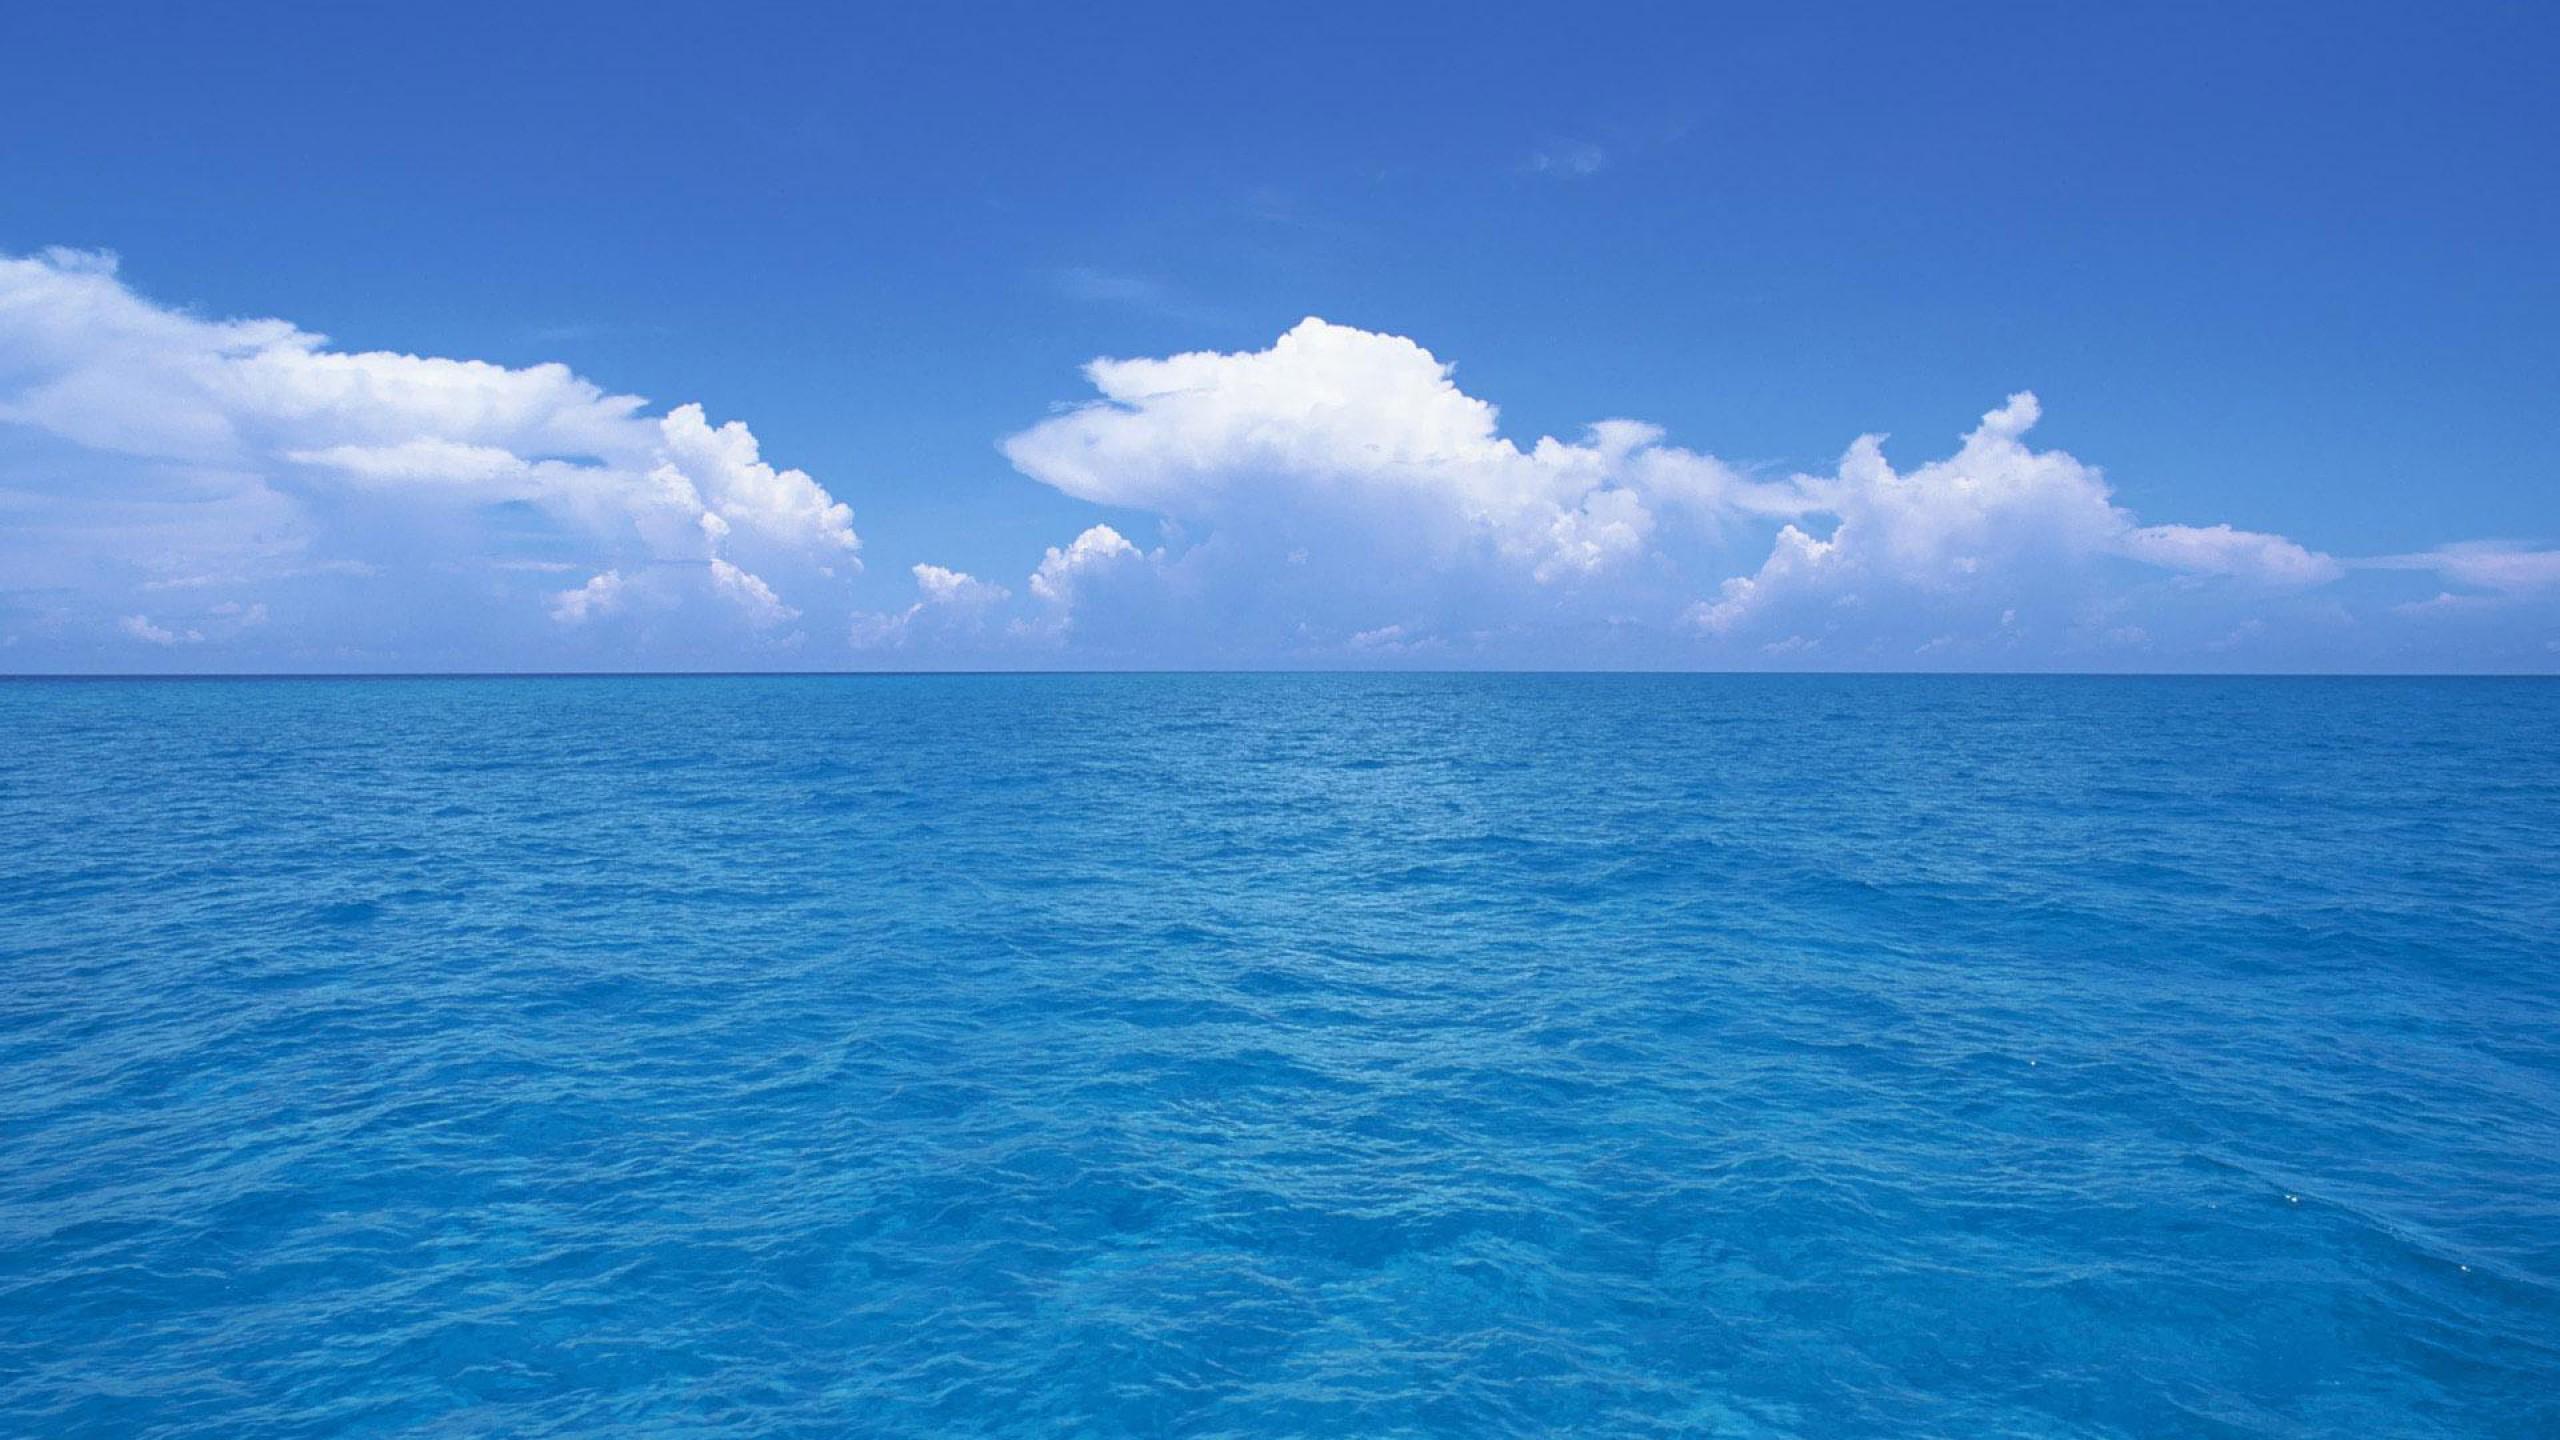 Ocean HD Wallpapers 2560x1440